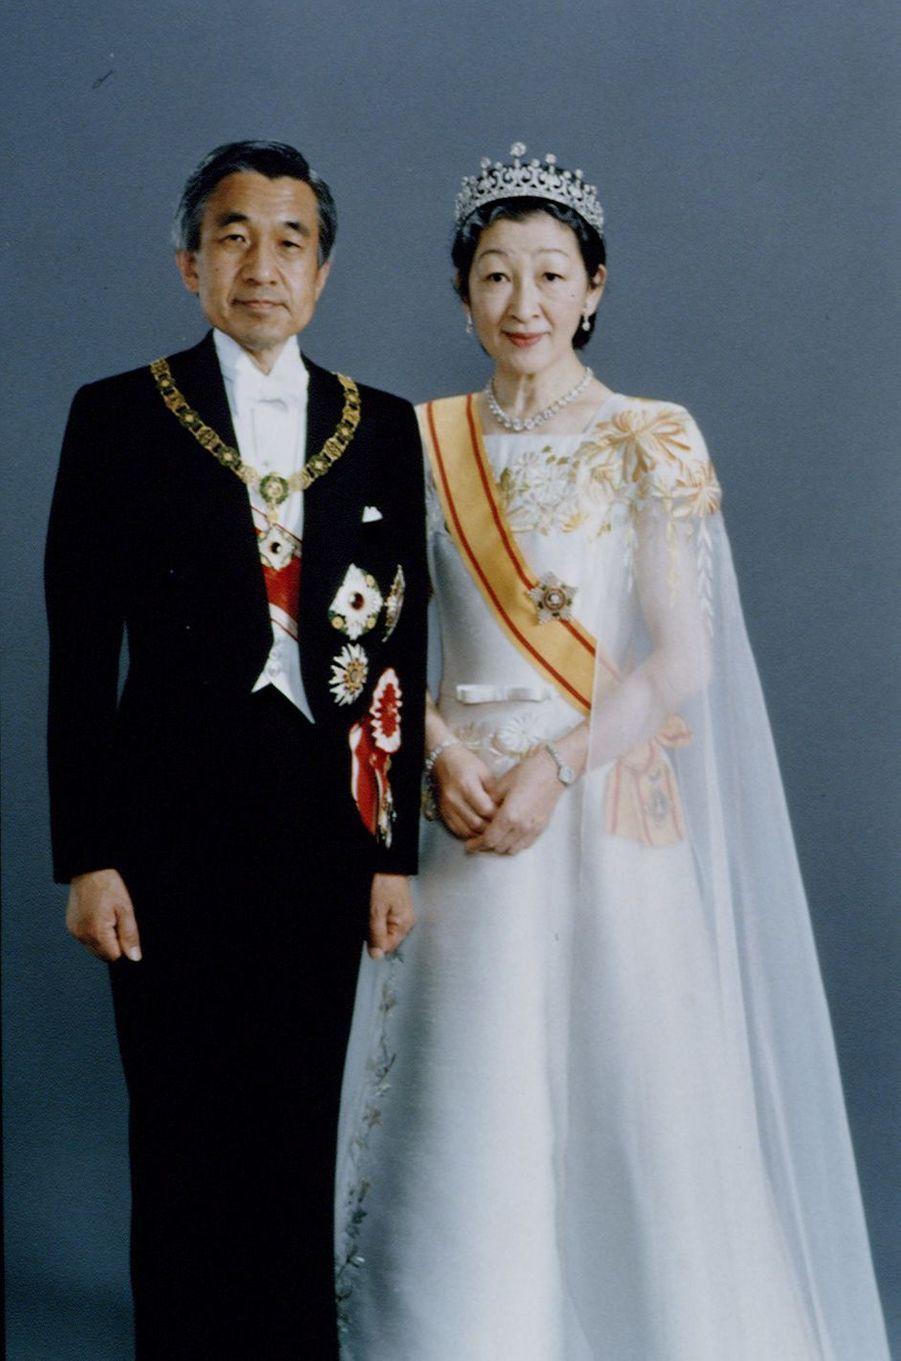 Portrait officiel de l'empereur Akihito du Japon et de l'impératrice Michiko, en 1990